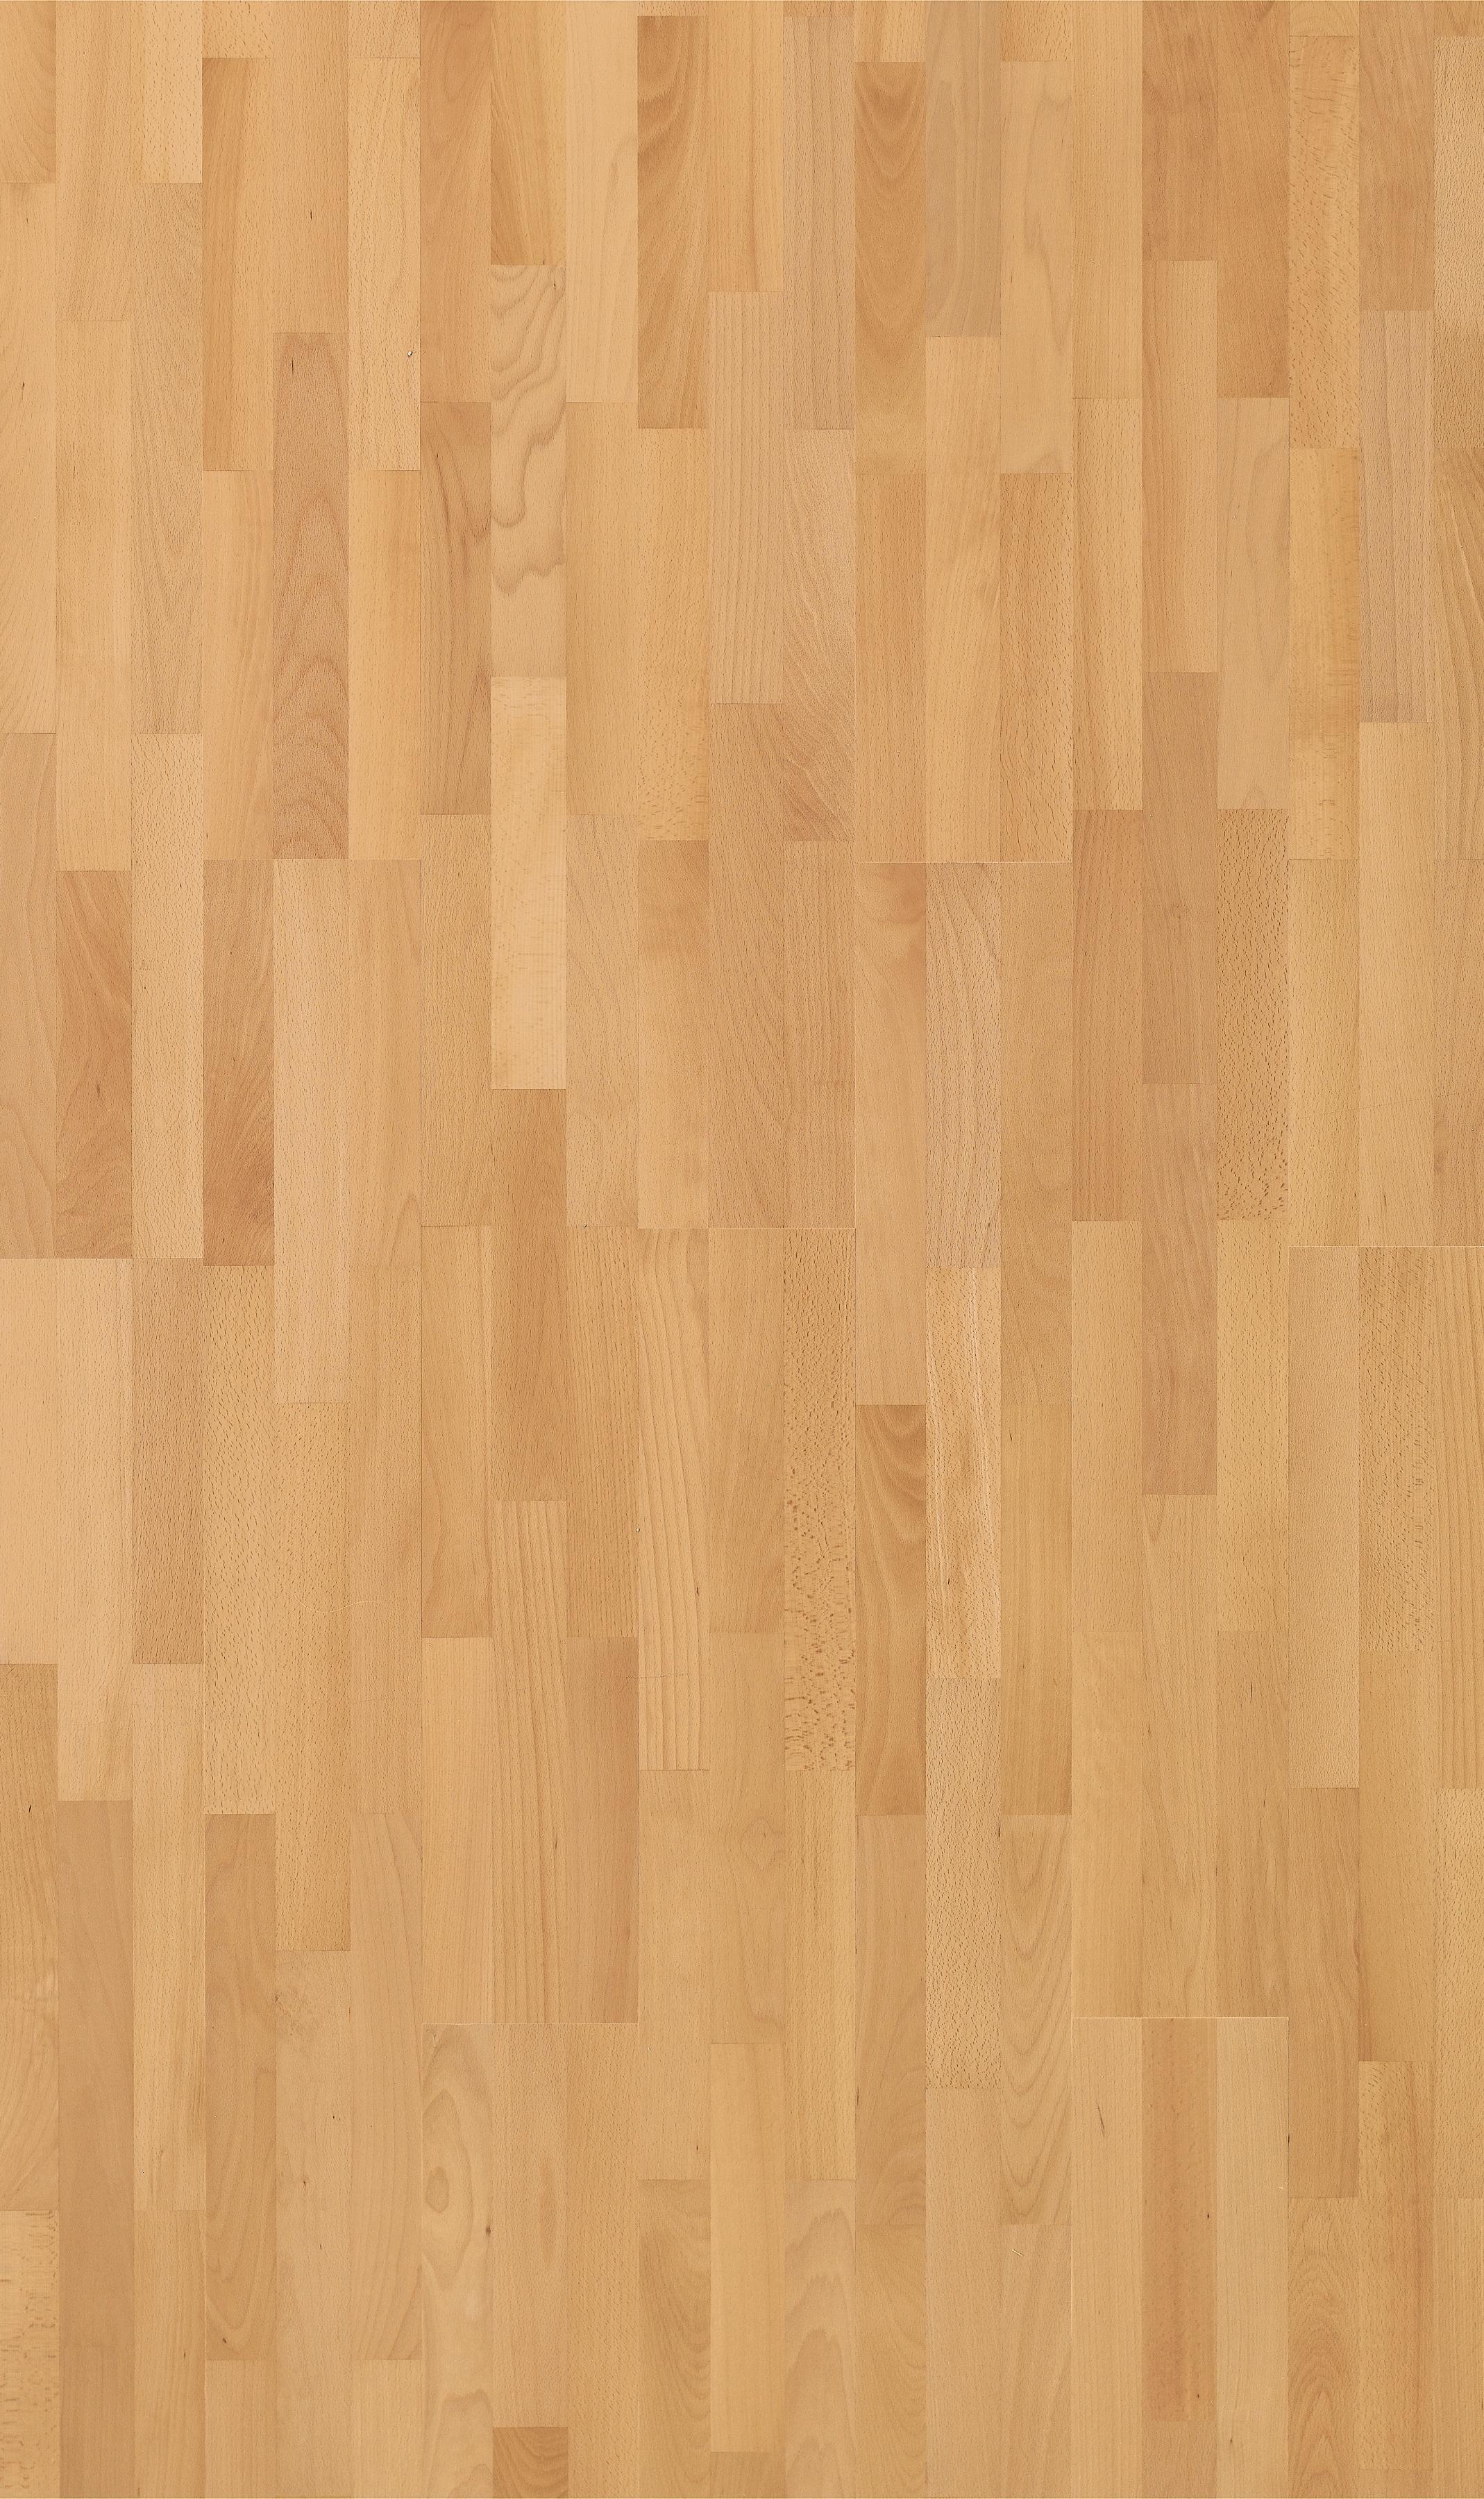 PARADOR Parkett »Classic 3060 Natur - Buche, lackiert«, 2200 x 185 mm, Stärke: 13 mm, 3, 66 m² | Baumarkt > Bodenbeläge > Parkett | Braun | Buche - Lackiert | PARADOR